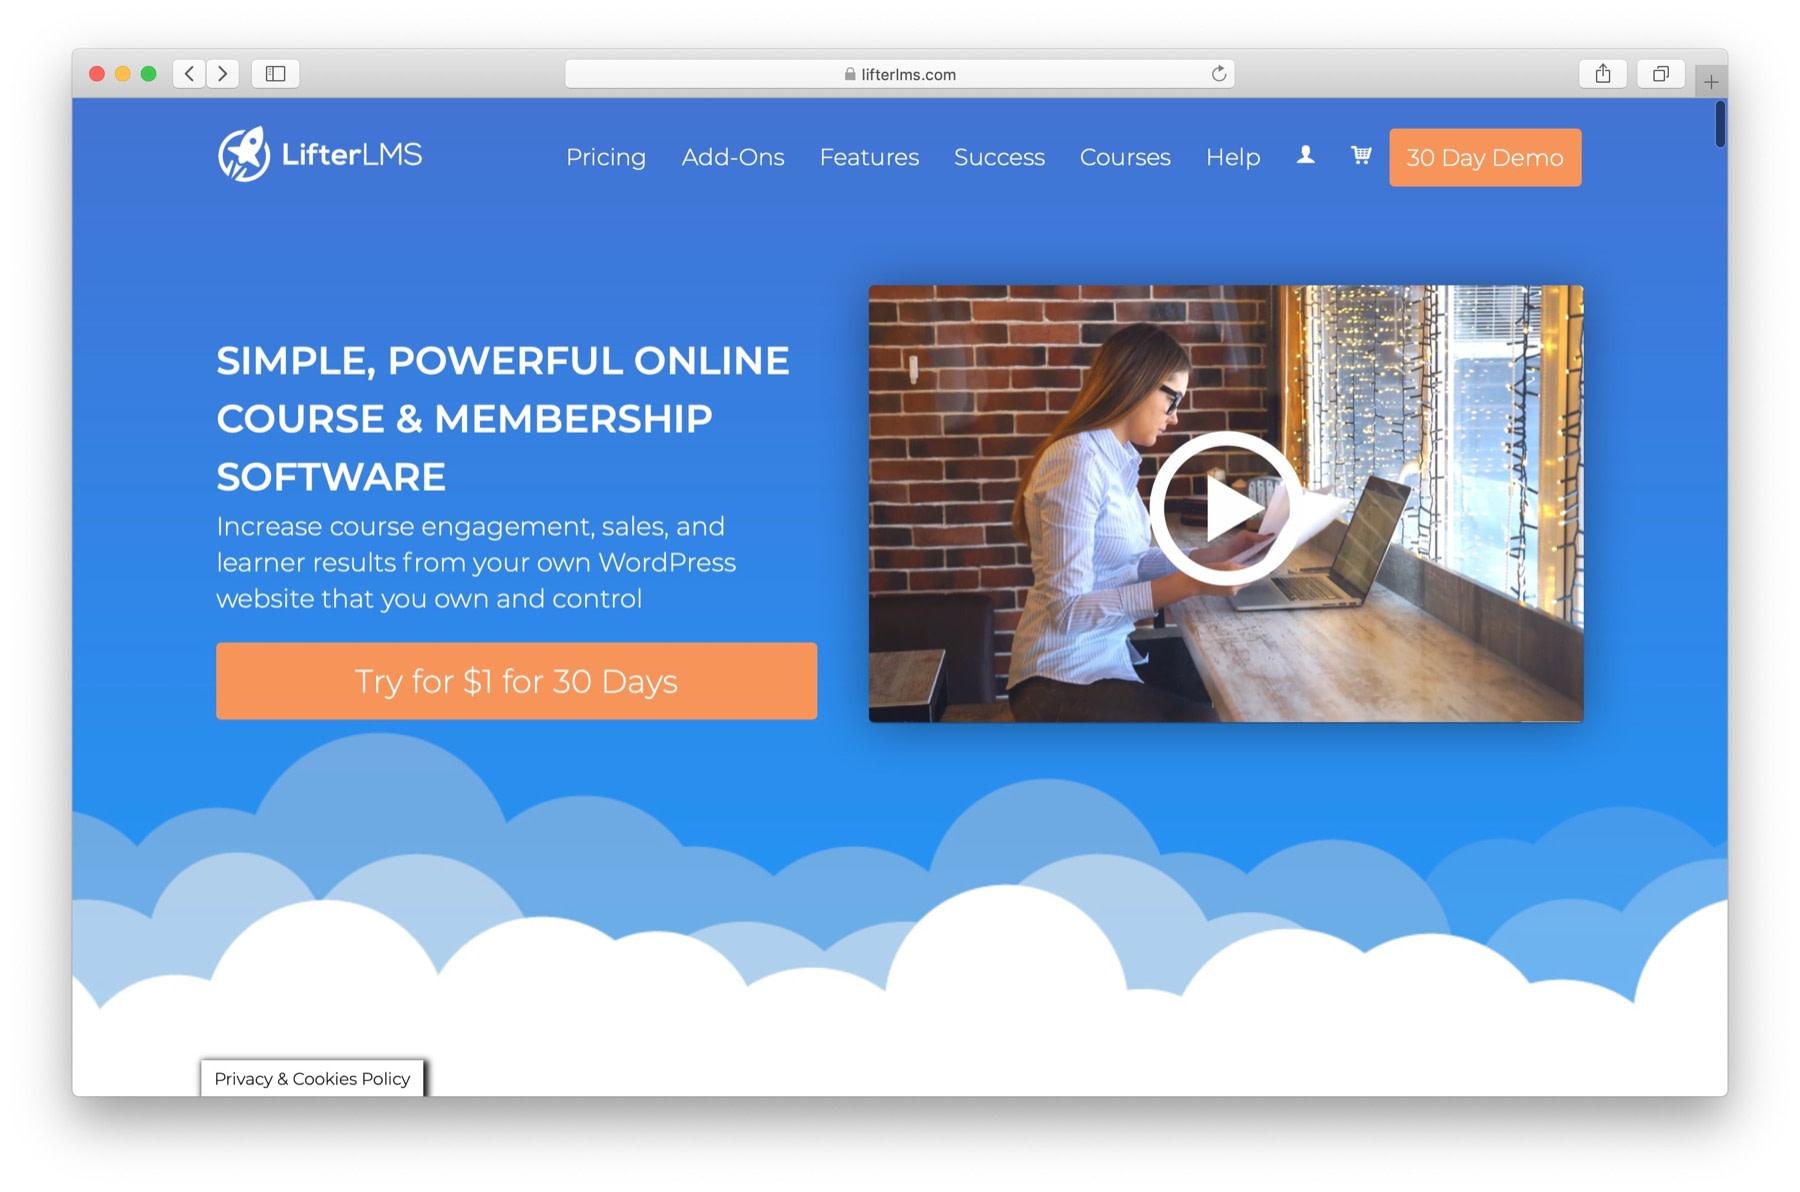 WordPress LMS - LifterLMS